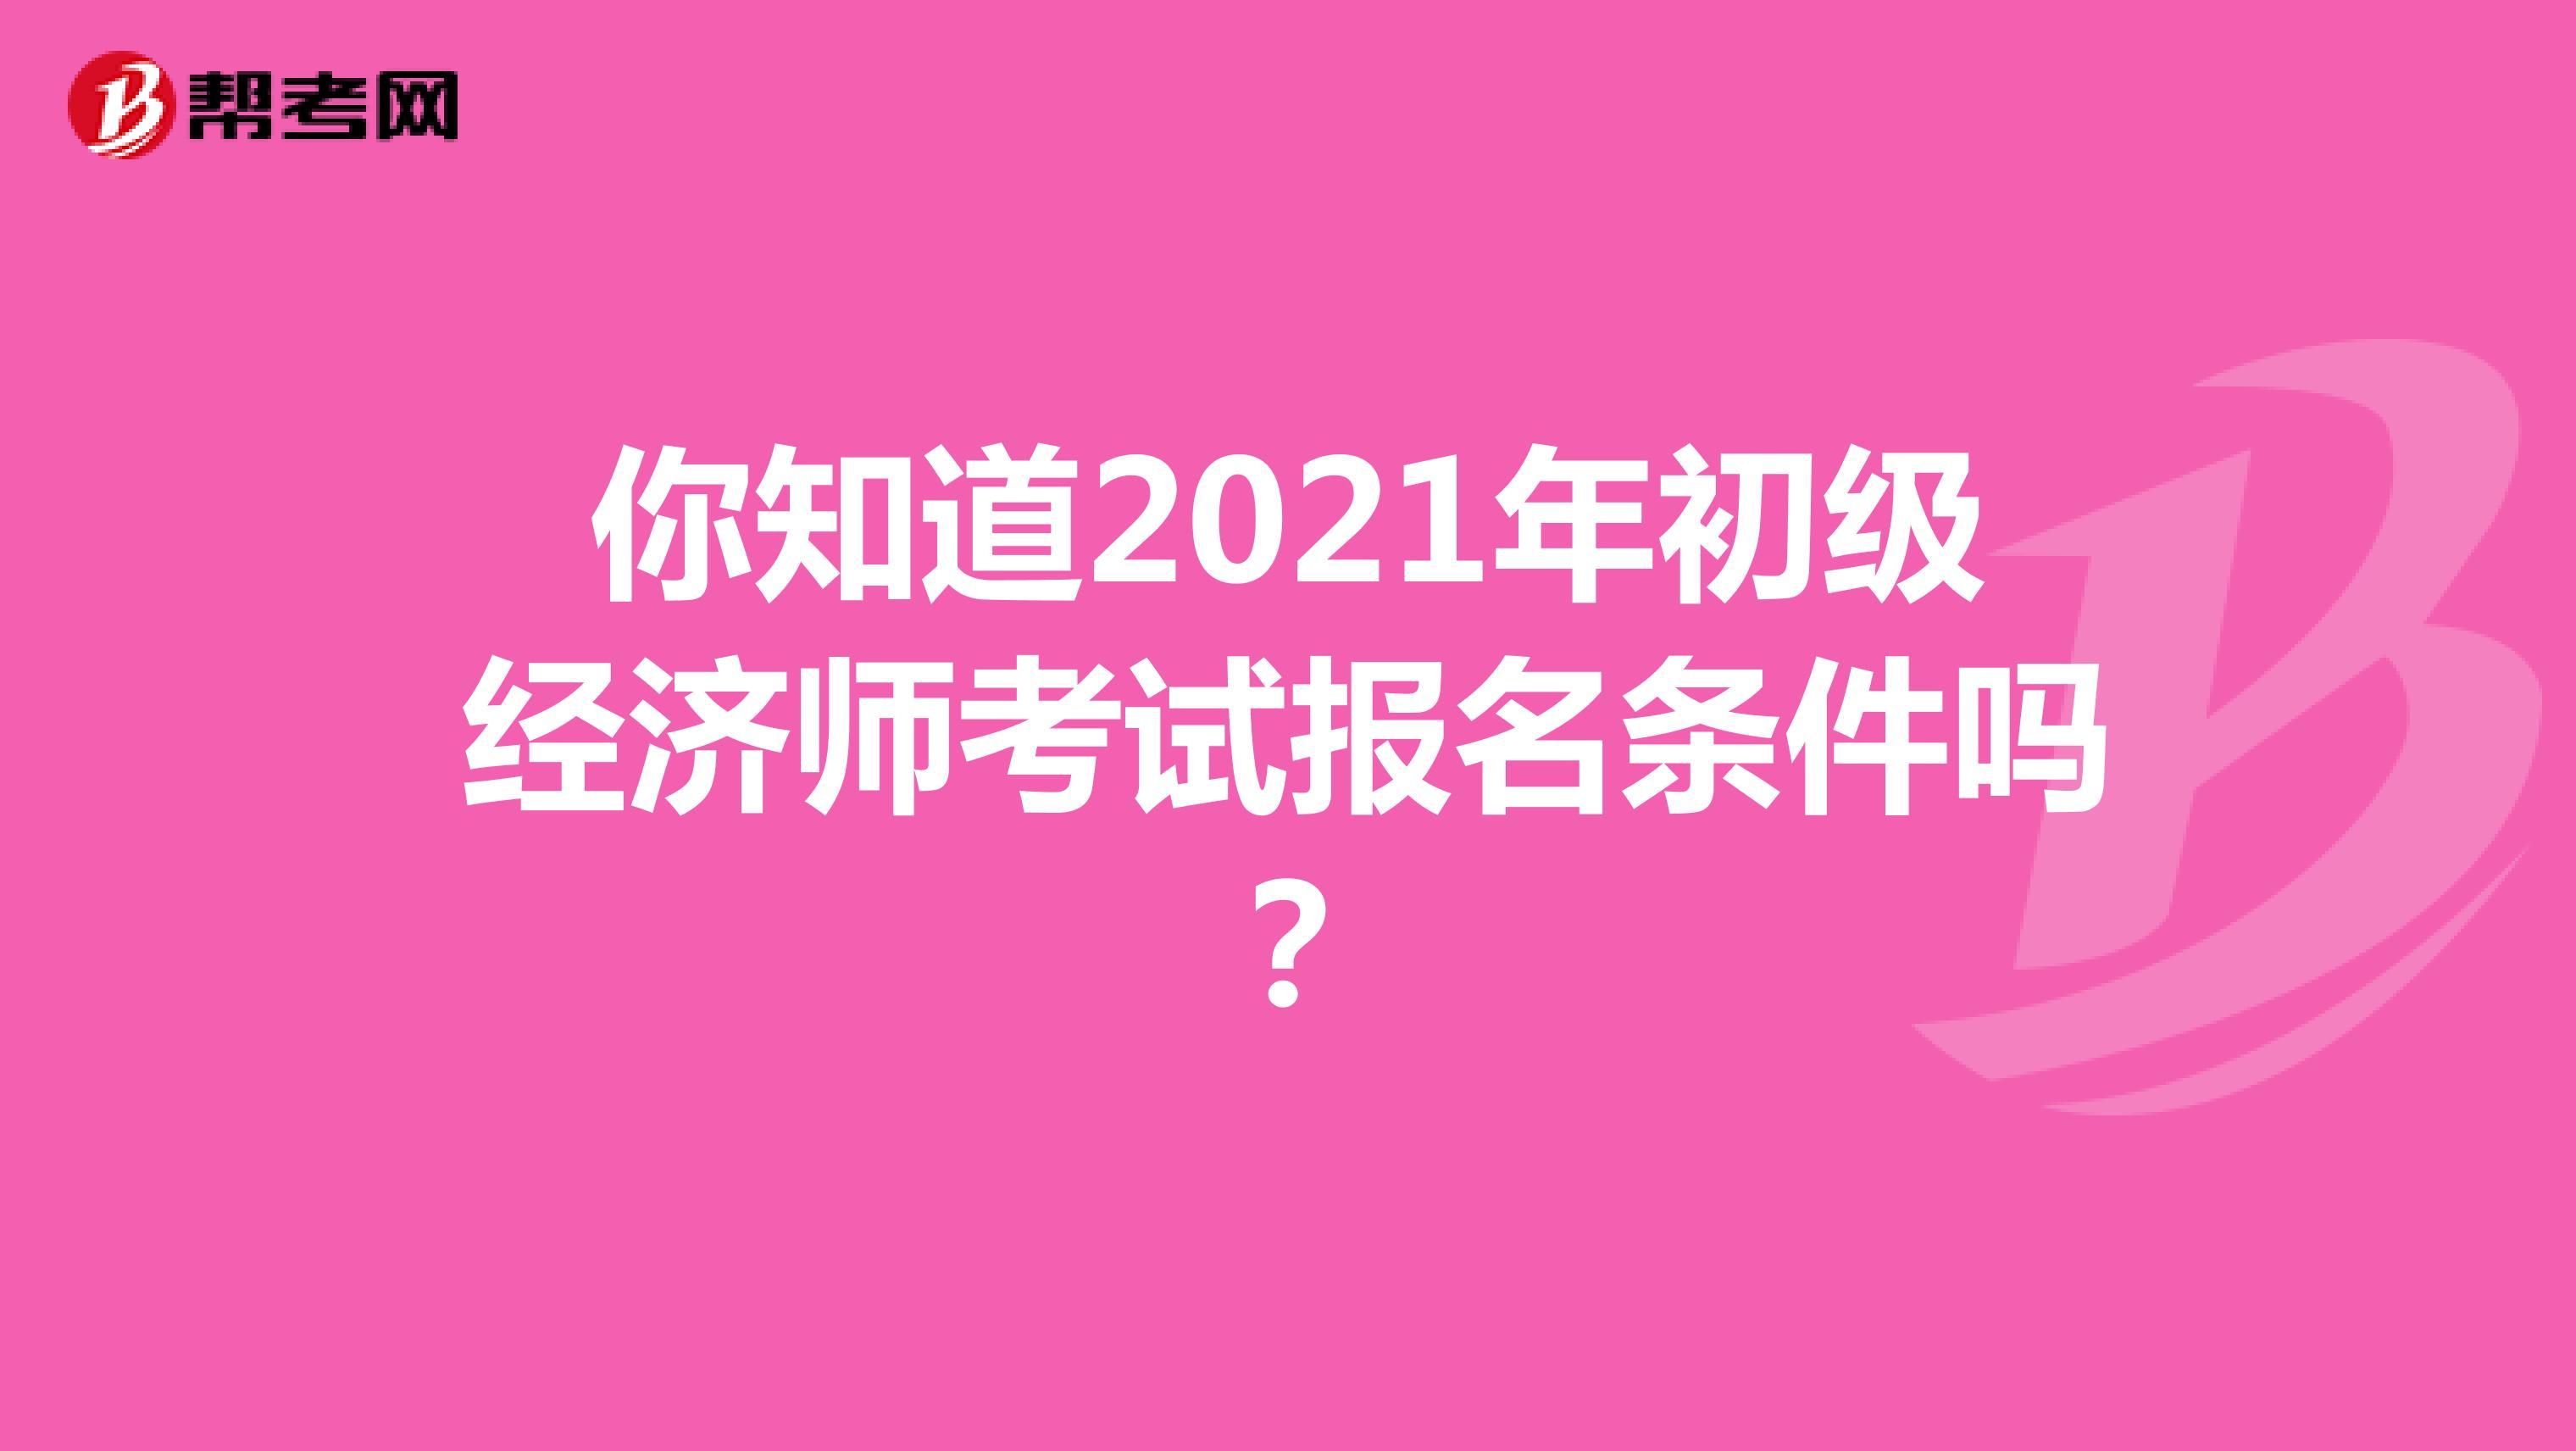 你知道2021年初級經濟師考試報名條件嗎?